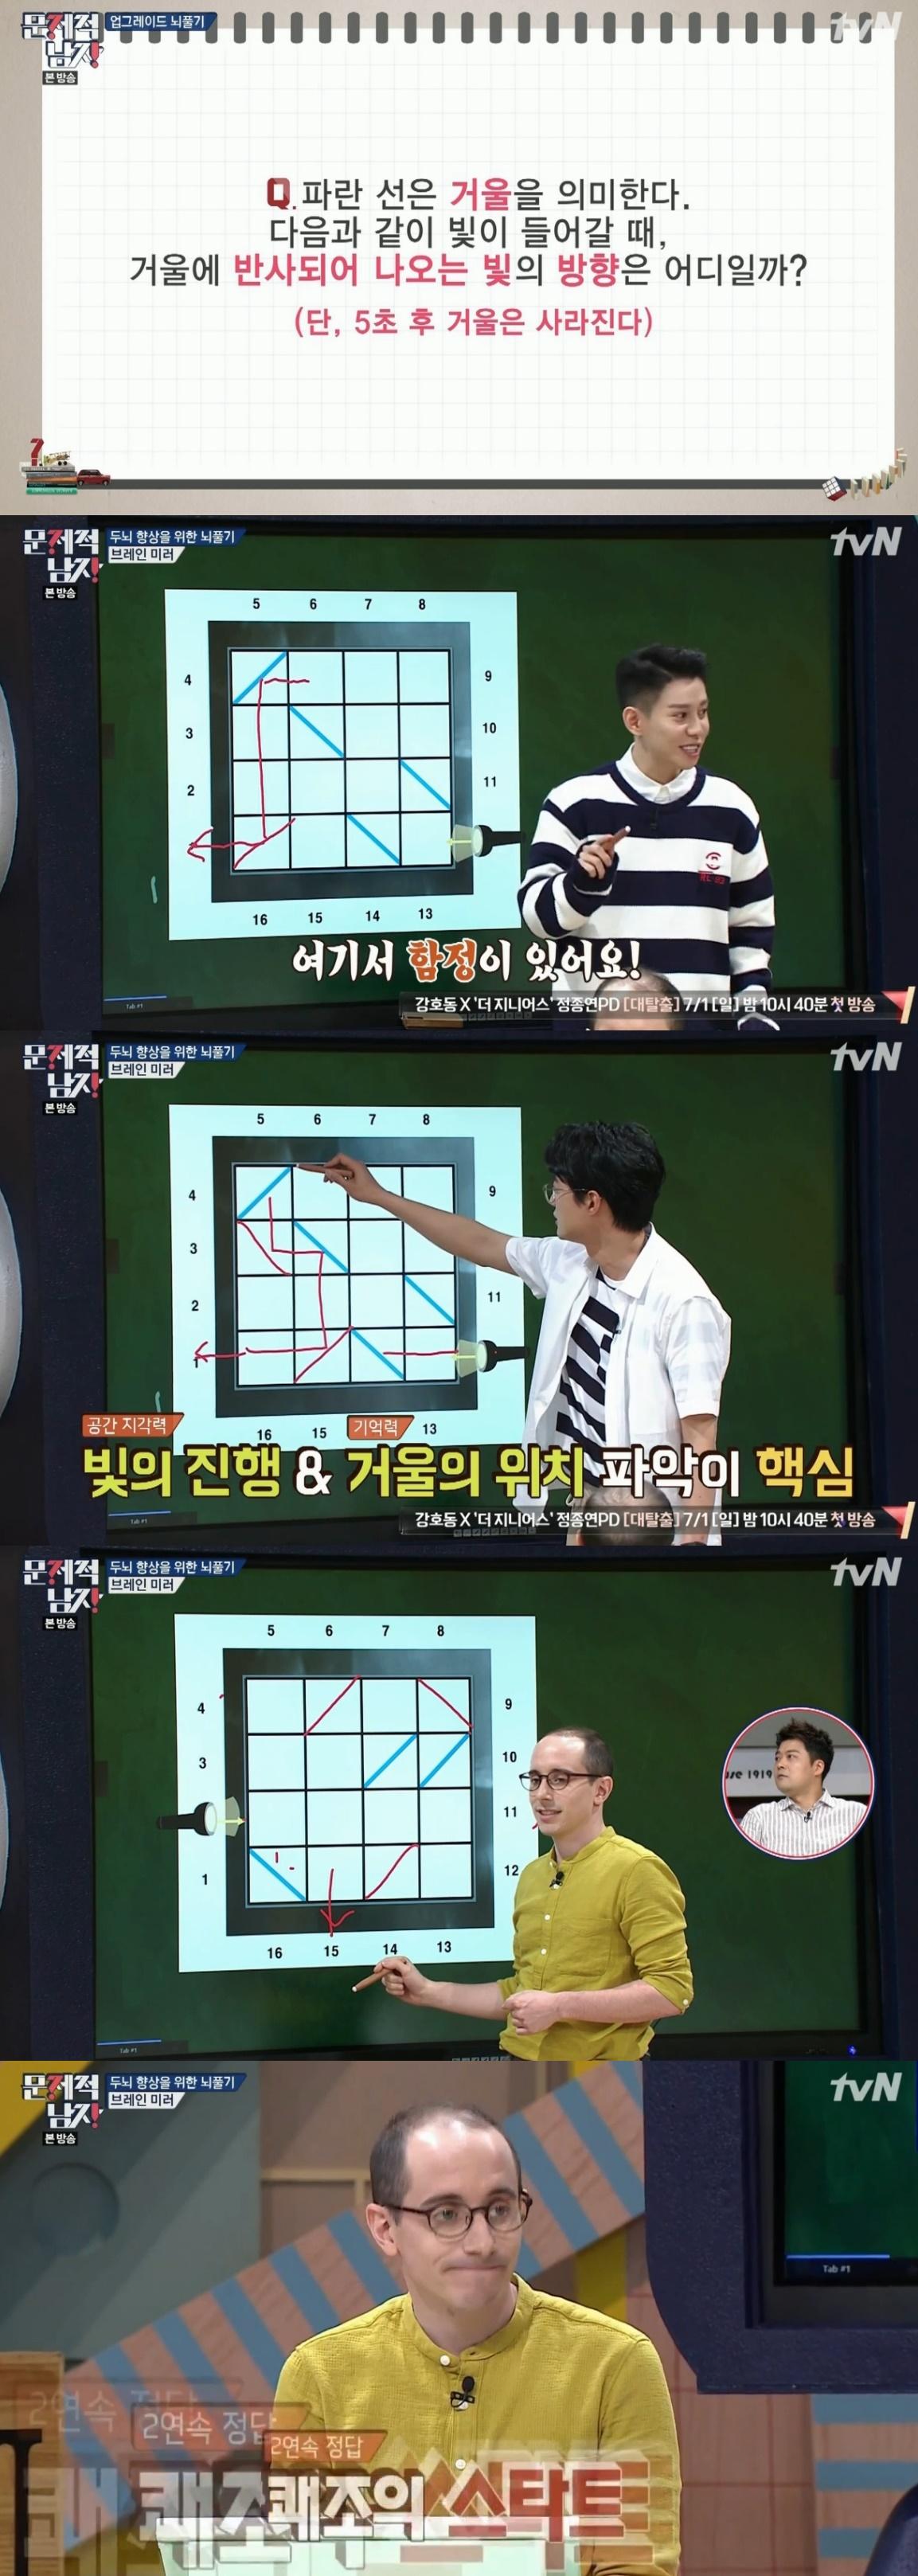 '문제적 남자' 타일러, 브레인 미러 2연속 정답 '공간지각 능력 탁월'